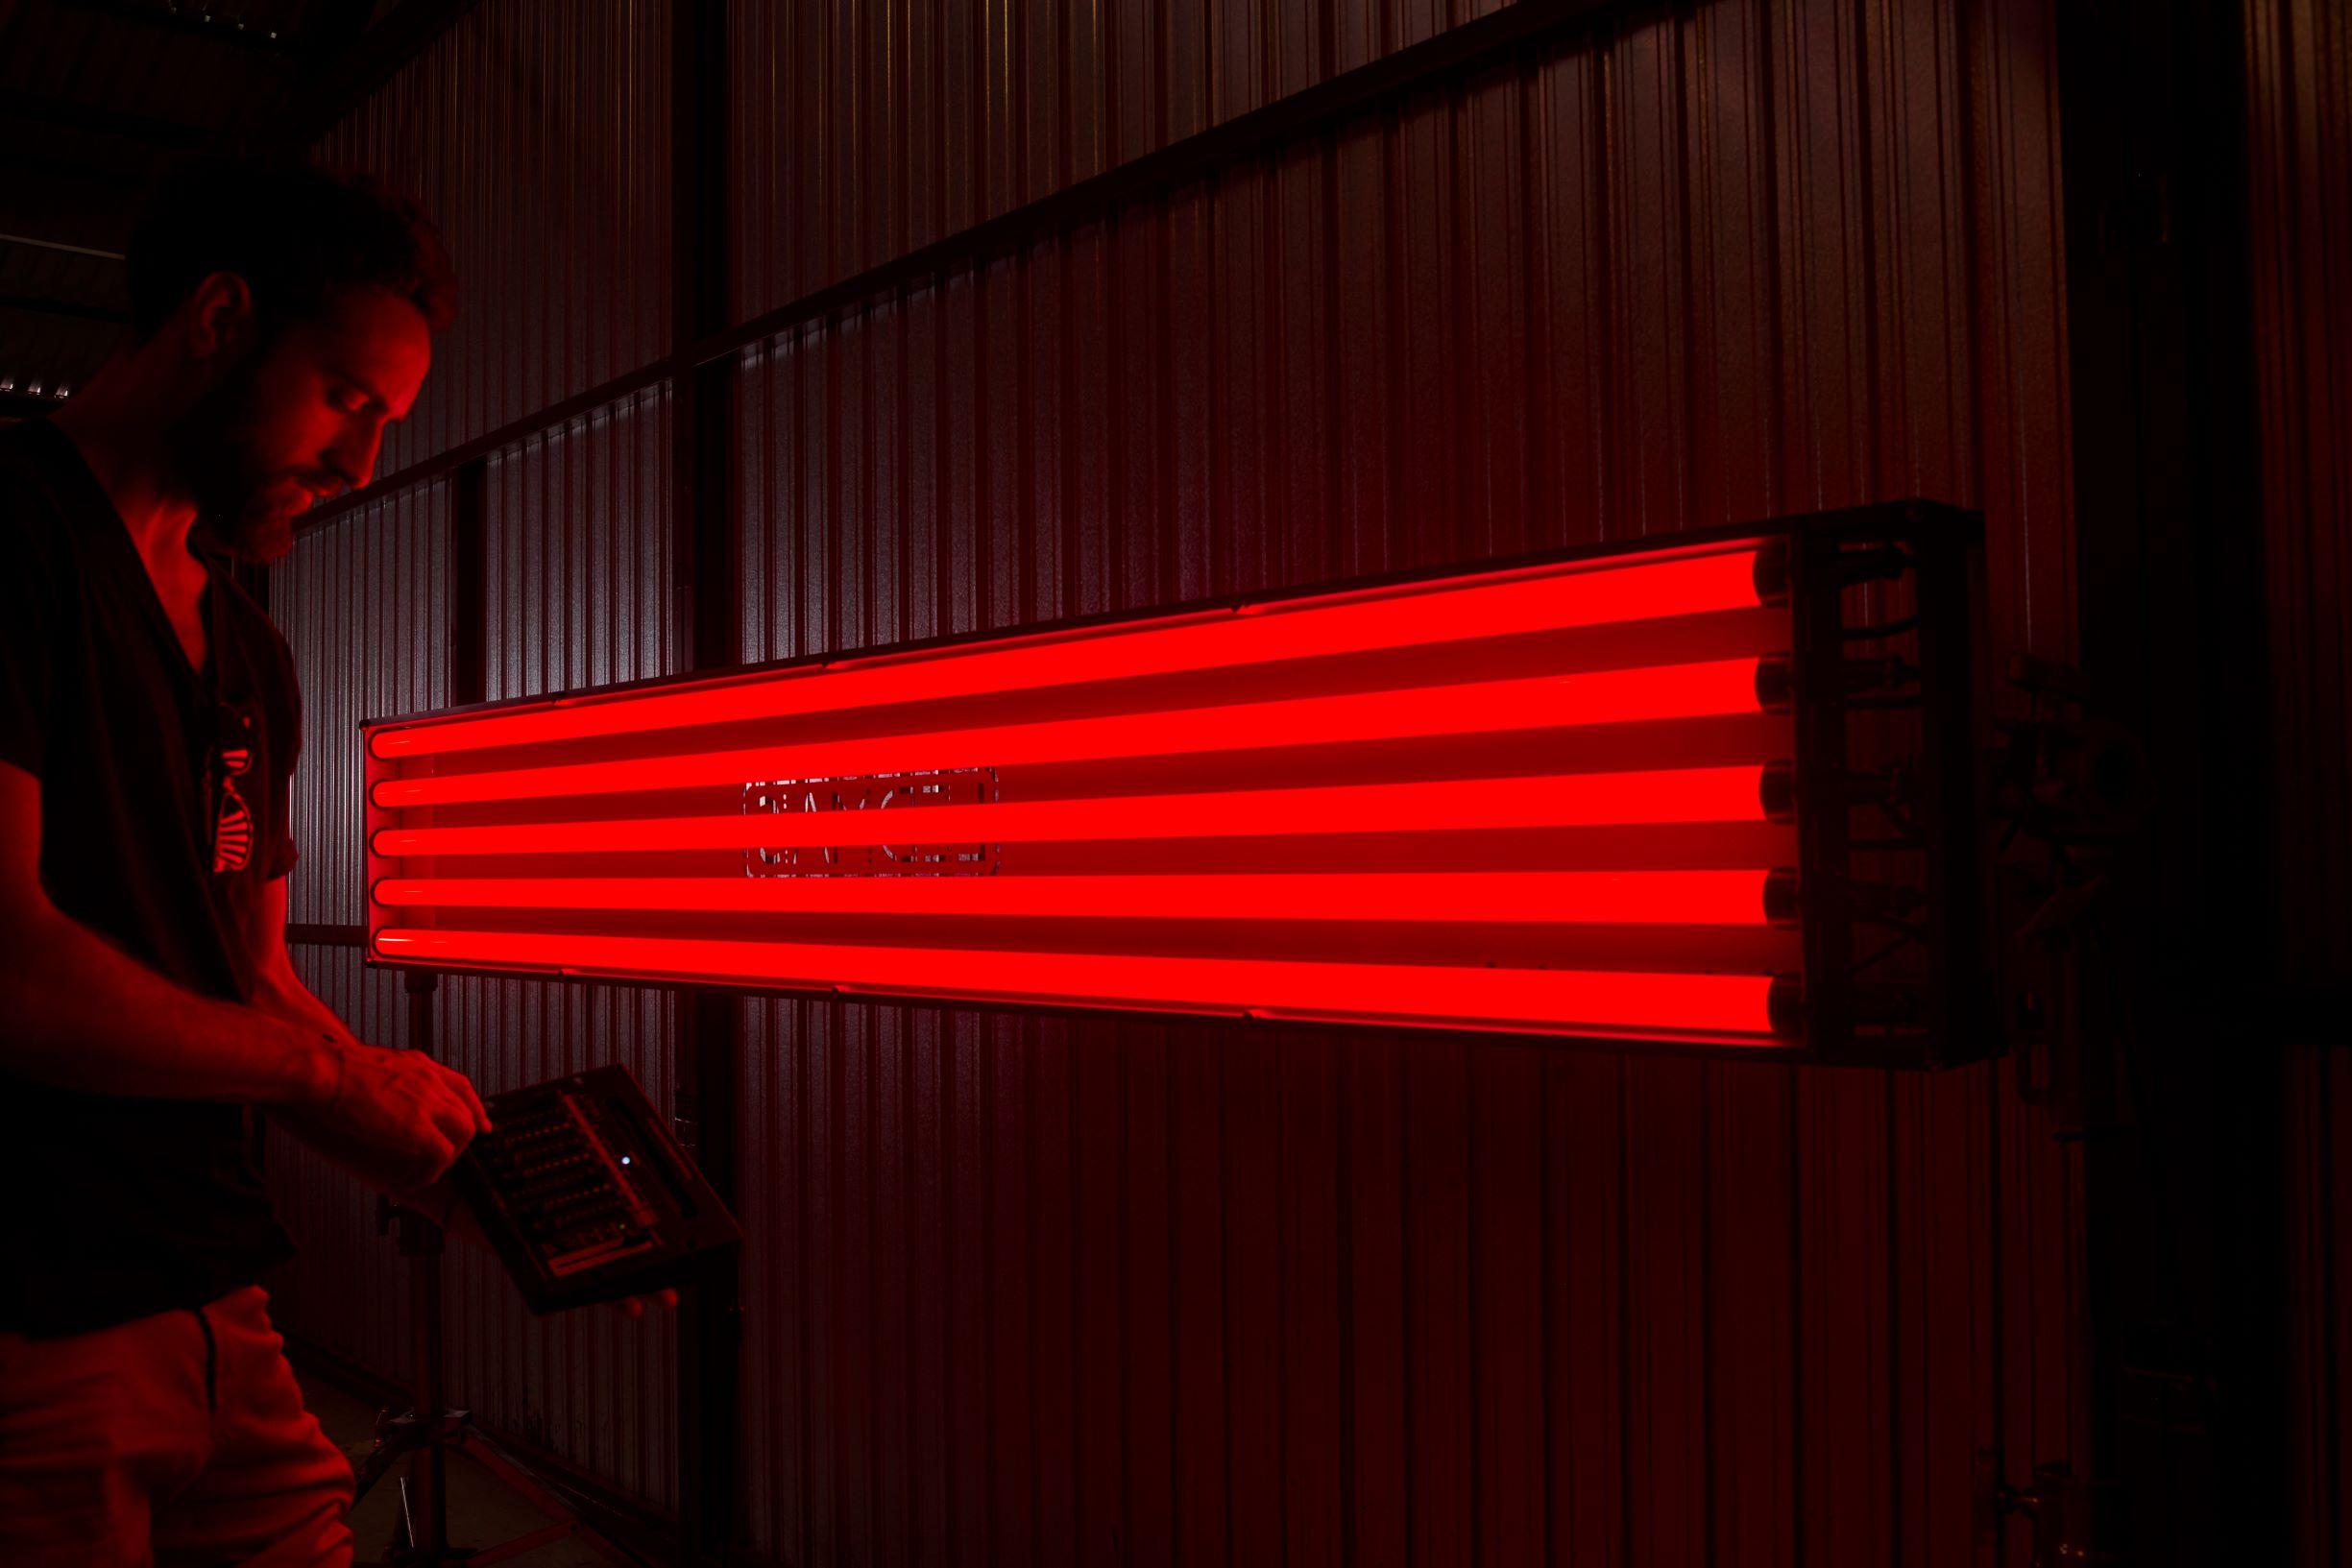 Iluminador de LED